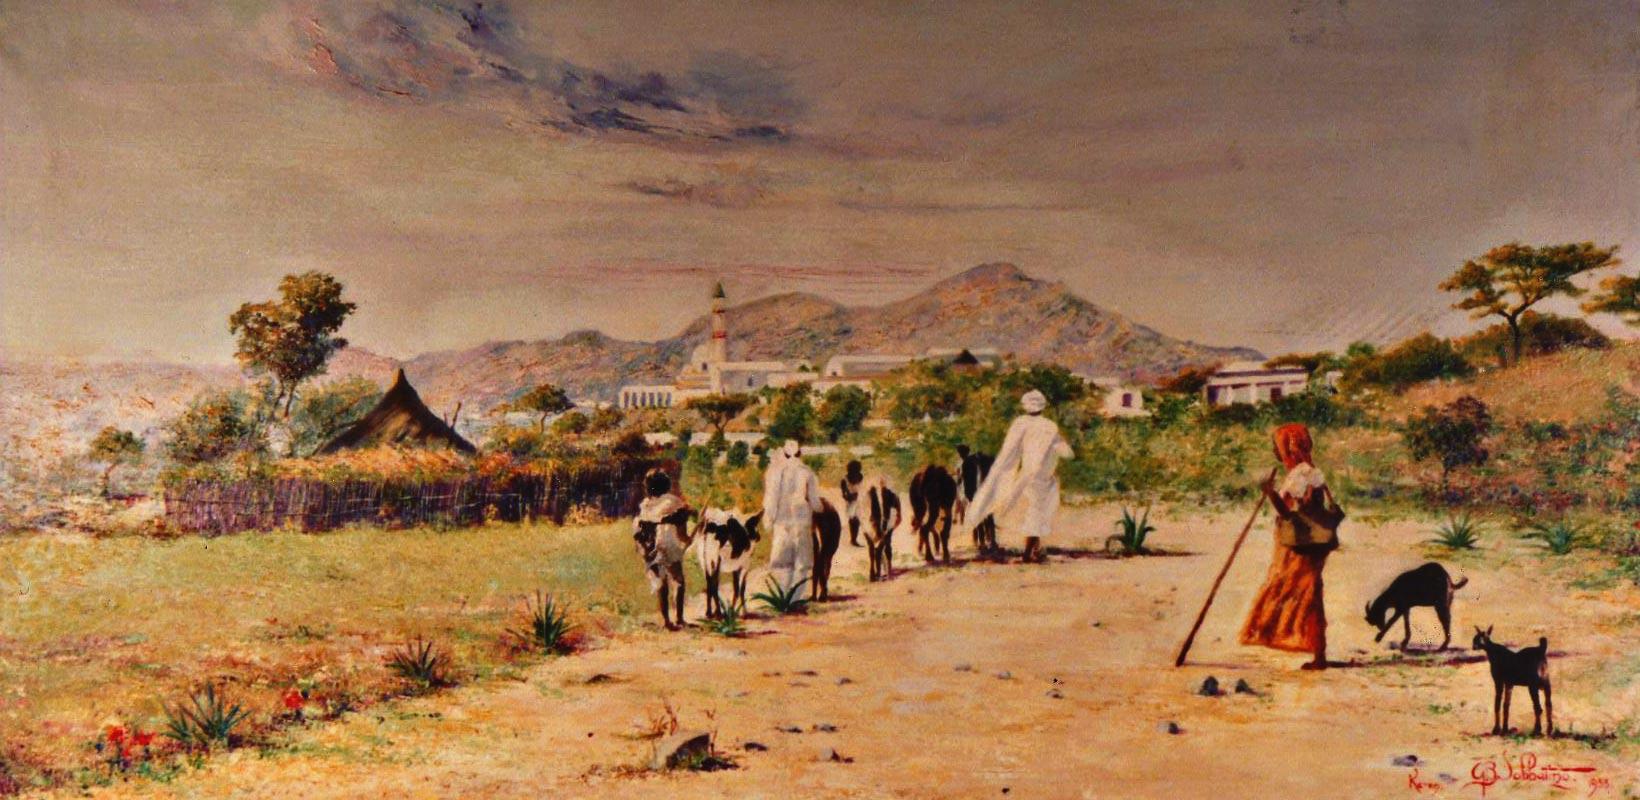 quadri africani pascolo Keren eritrea africa Sabbatino